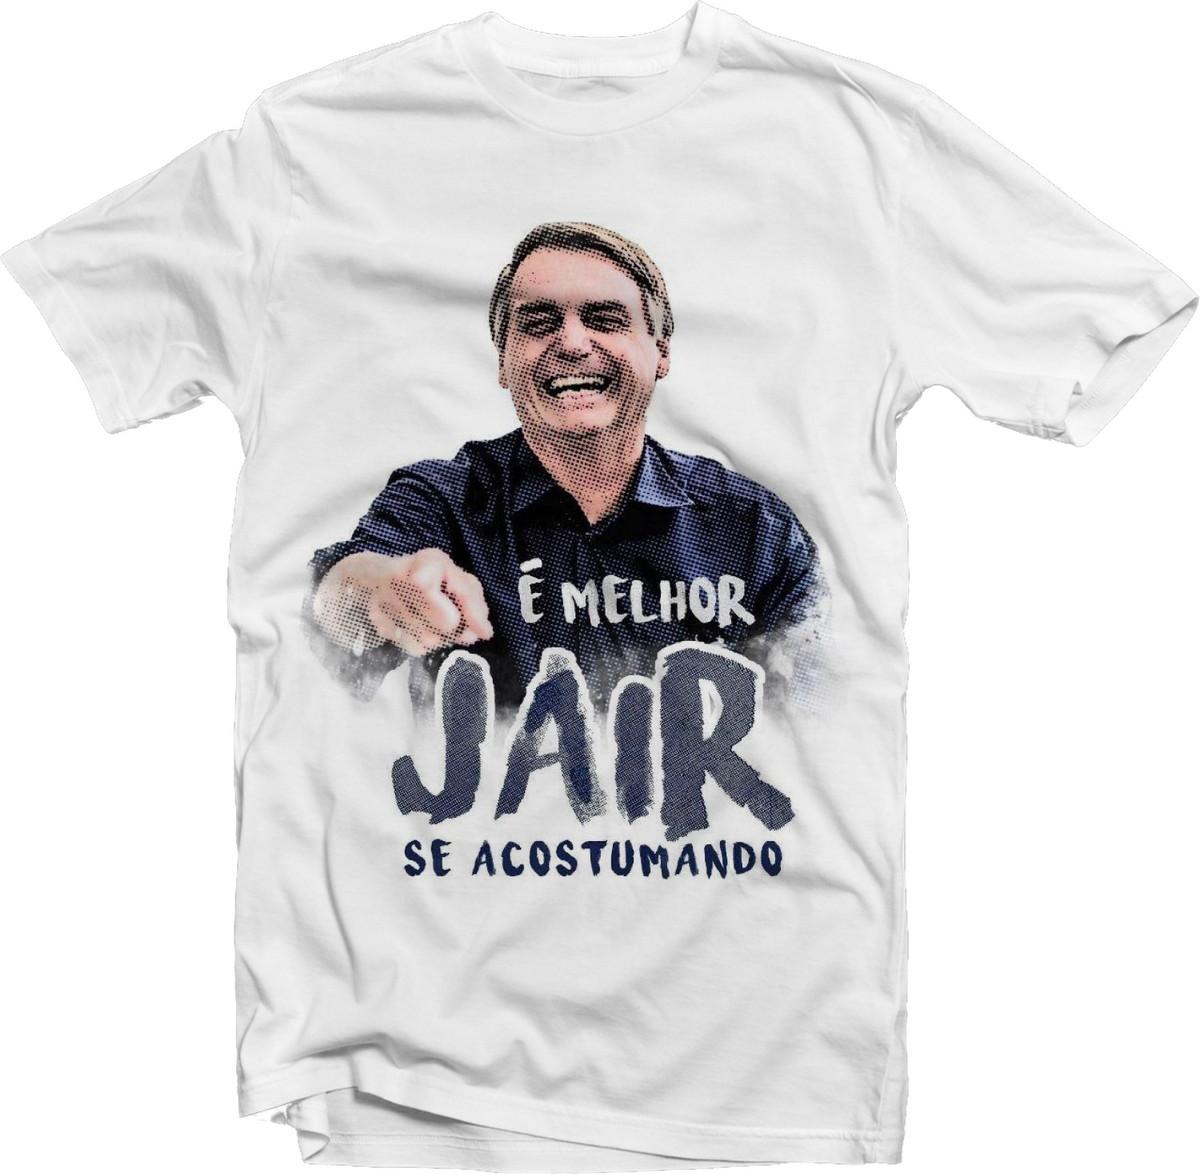 5ae4a7a13ba42 Camiseta Jair Bolsonaro É Melhor Jair se Acostumando Branca no Elo7 ...